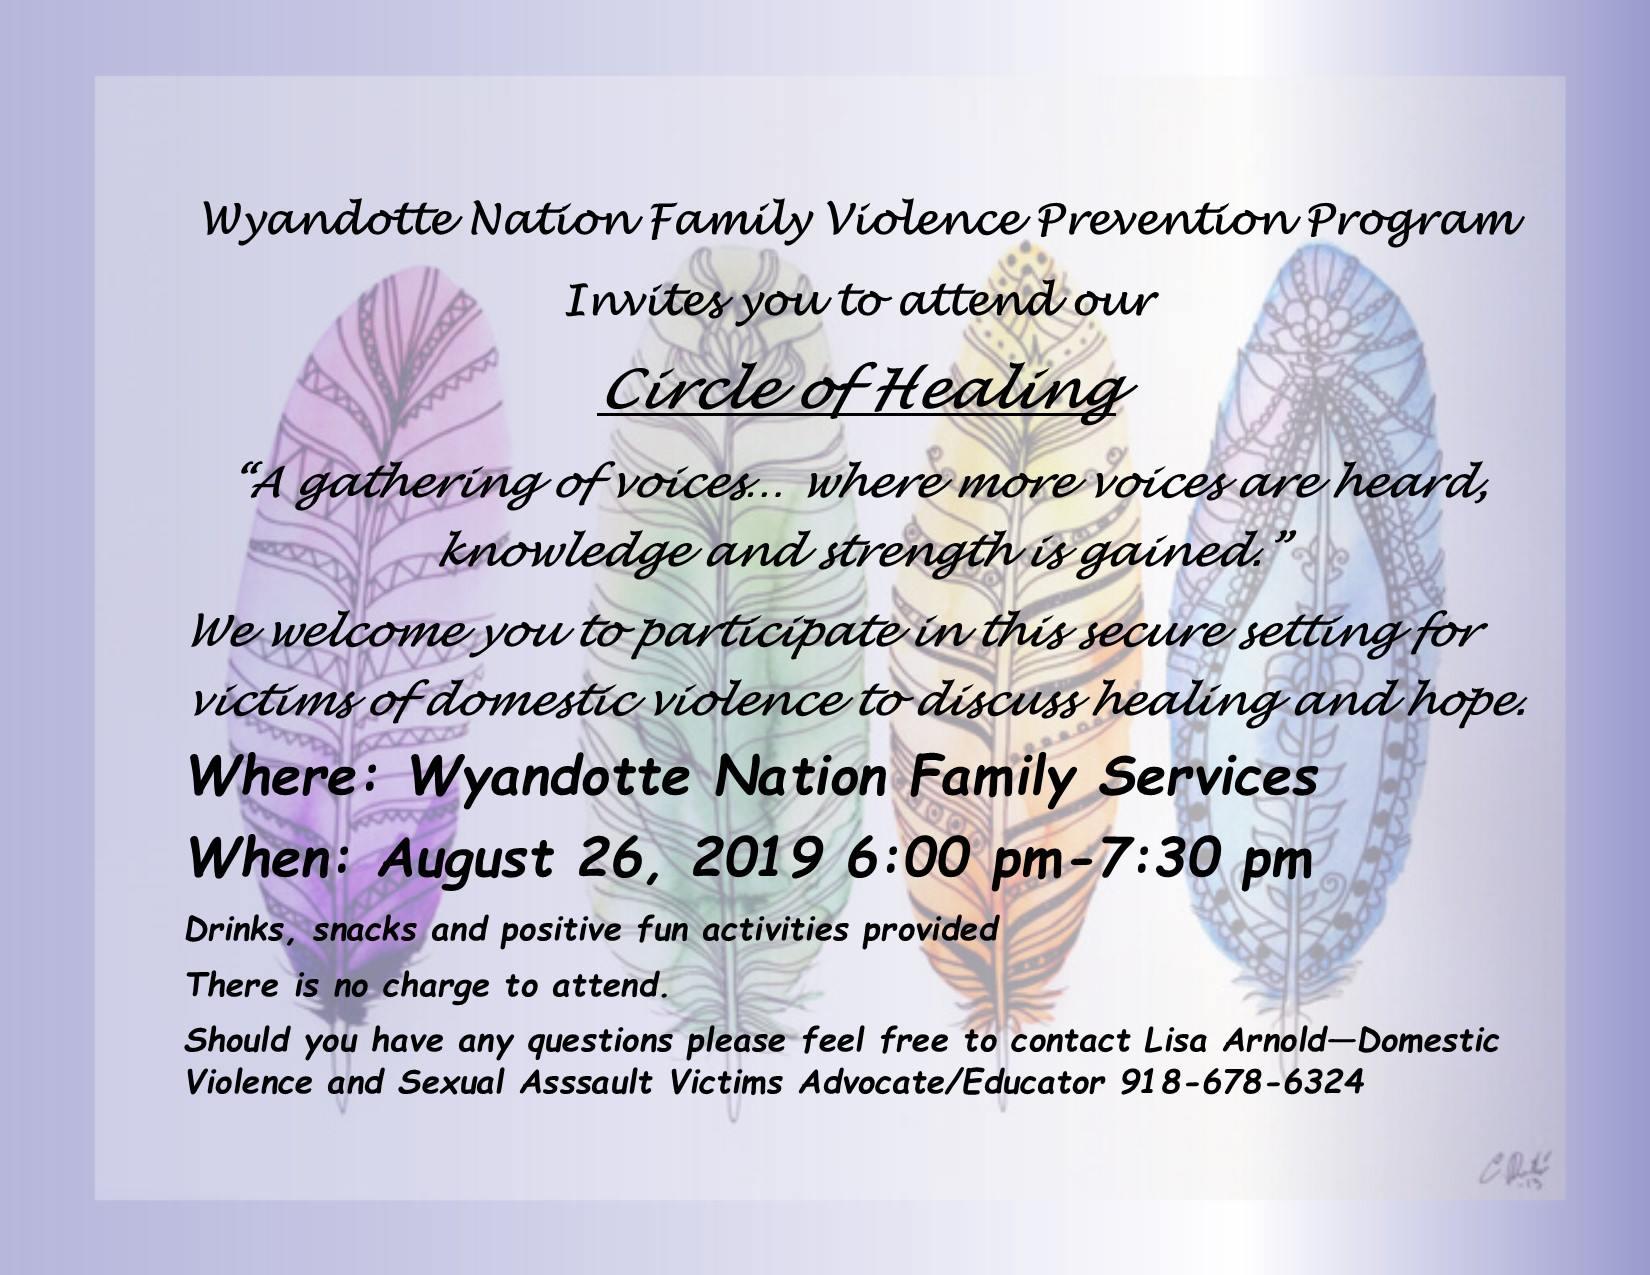 Wyandotte Healing Circle 8-26-19.jpg